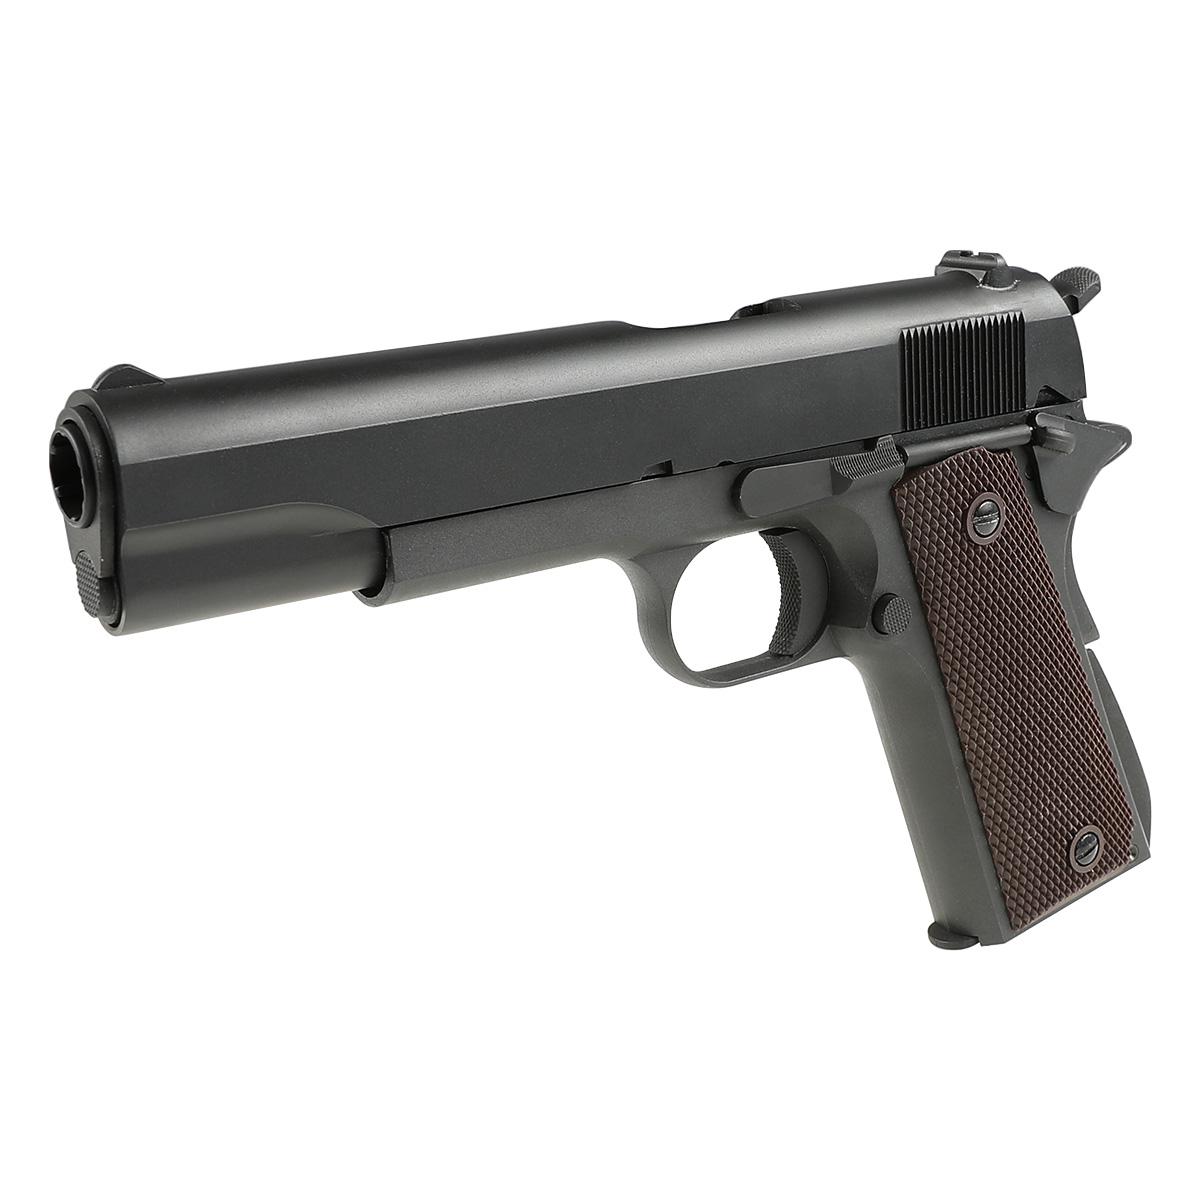 SRC 1911 ガスブローバックピストル ハードケース付